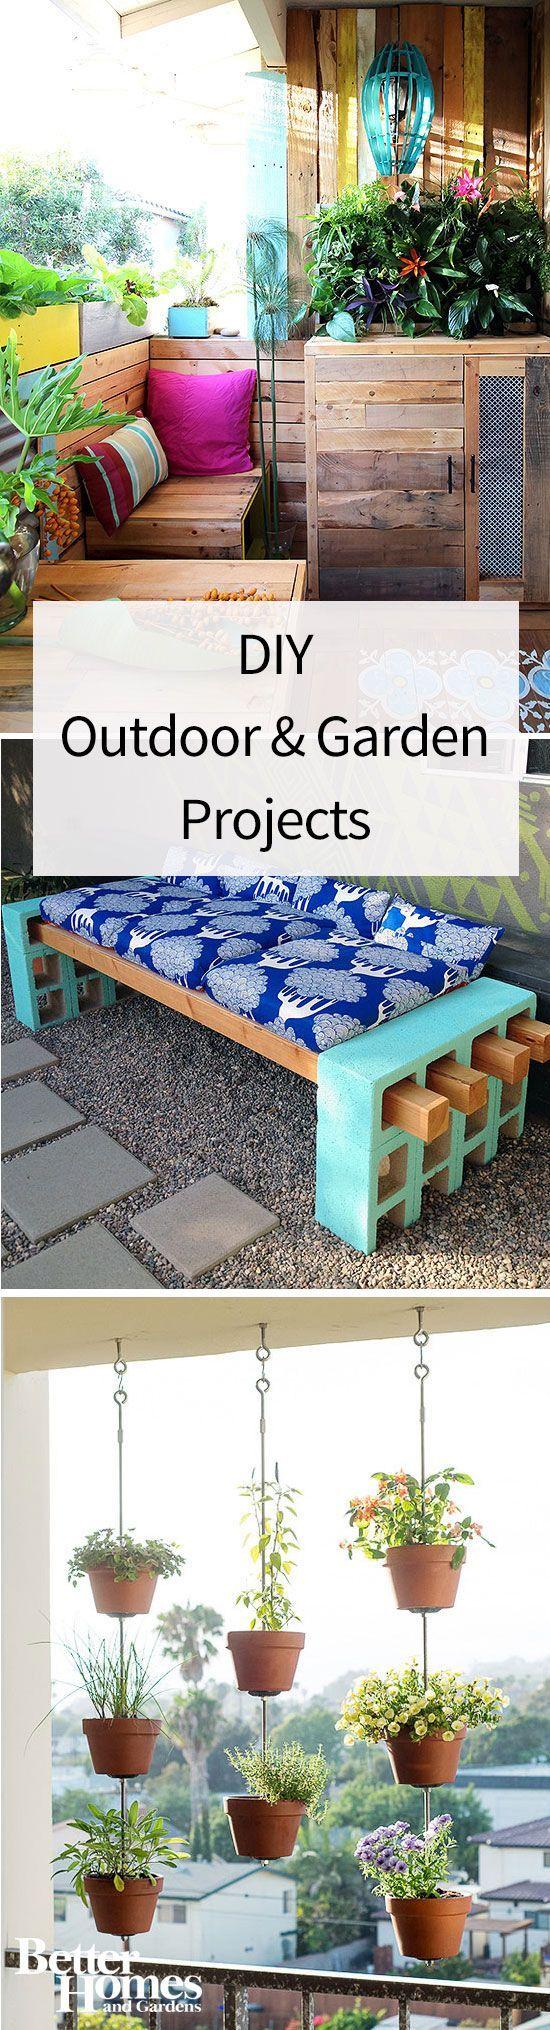 best garden ideas images on pinterest backyard ideas garden